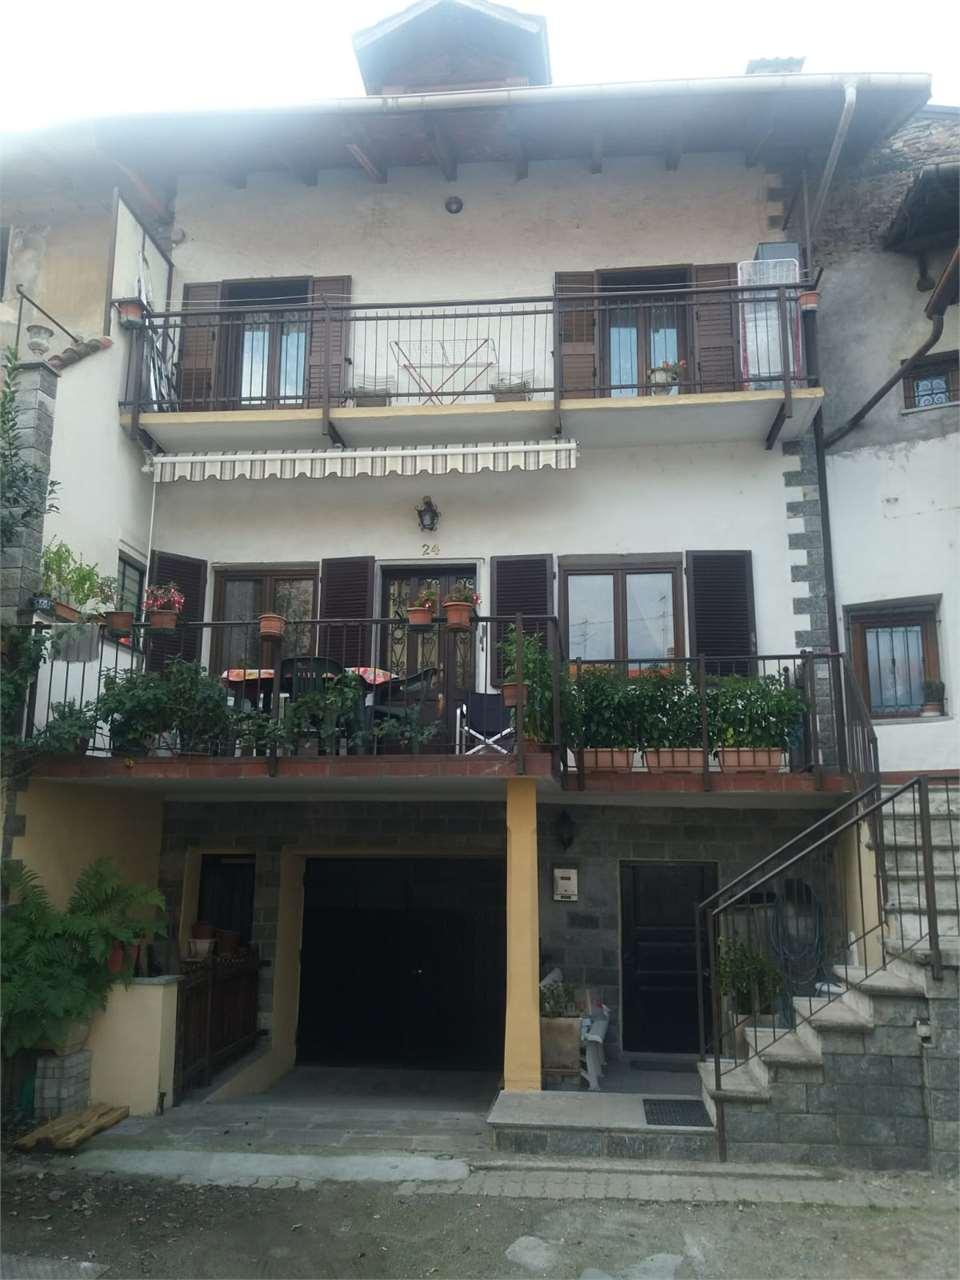 Appartamento in vendita a Bussoleno, 4 locali, prezzo € 115.000 | PortaleAgenzieImmobiliari.it